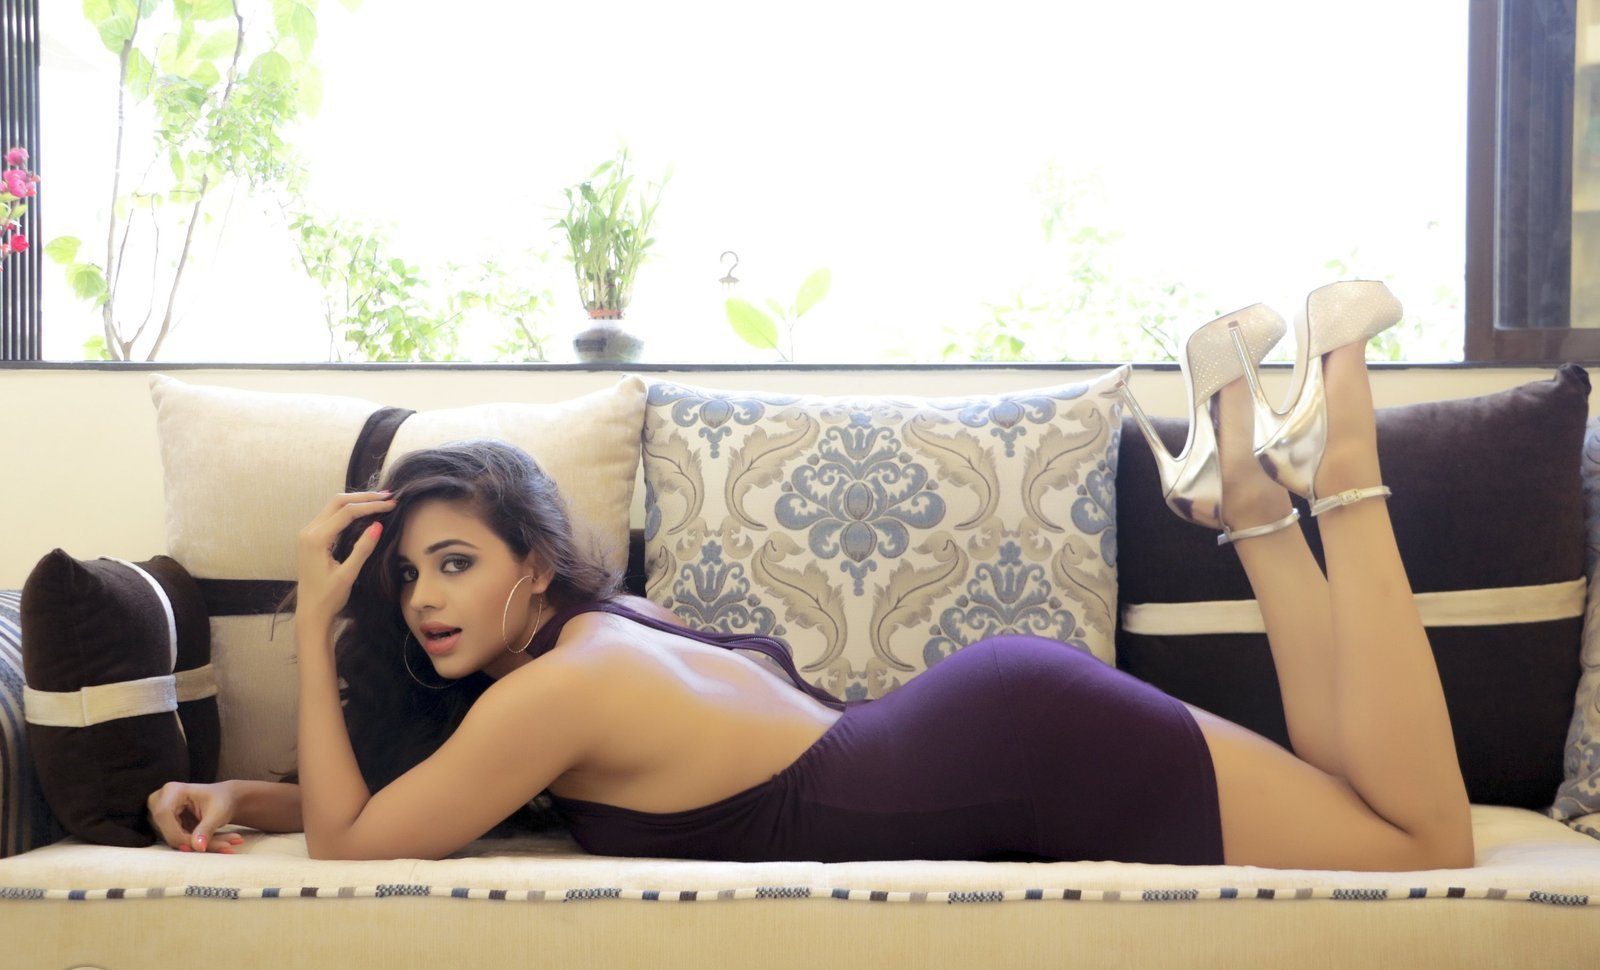 Parina Mirza hot legs, Parina Mirza sexy legs, Parina Mirza feet, Parina Mirza Ramzan hot sexy back